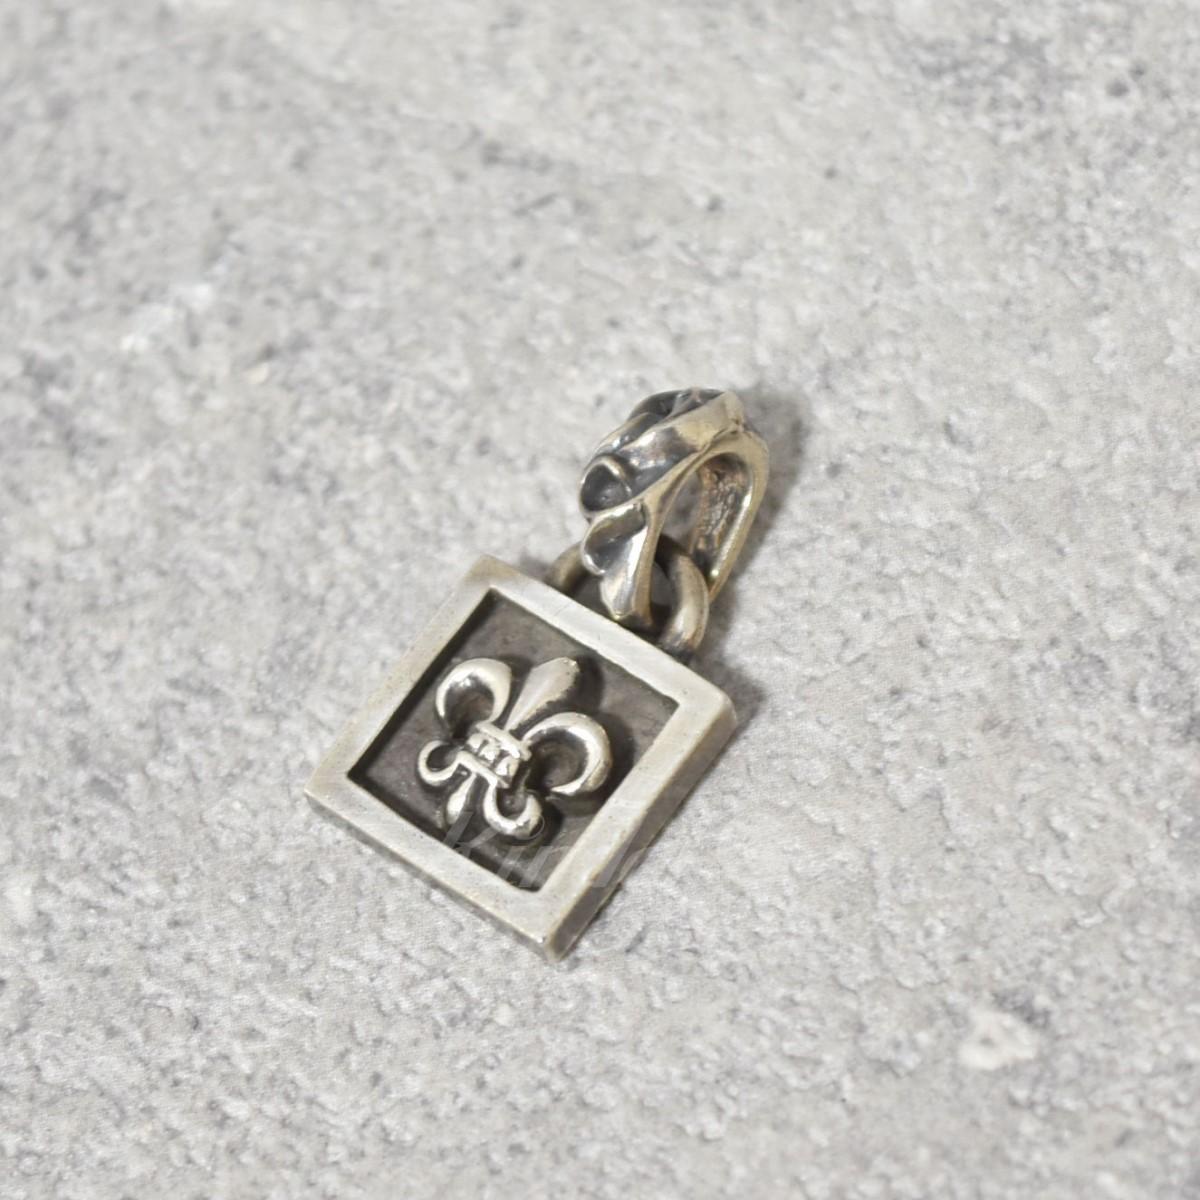 【中古】CHROME HEARTS framed BS fleur charm BSフレアチャーム ペンダントトップ シルバー 【送料無料】 【231018】(クロムハーツ)